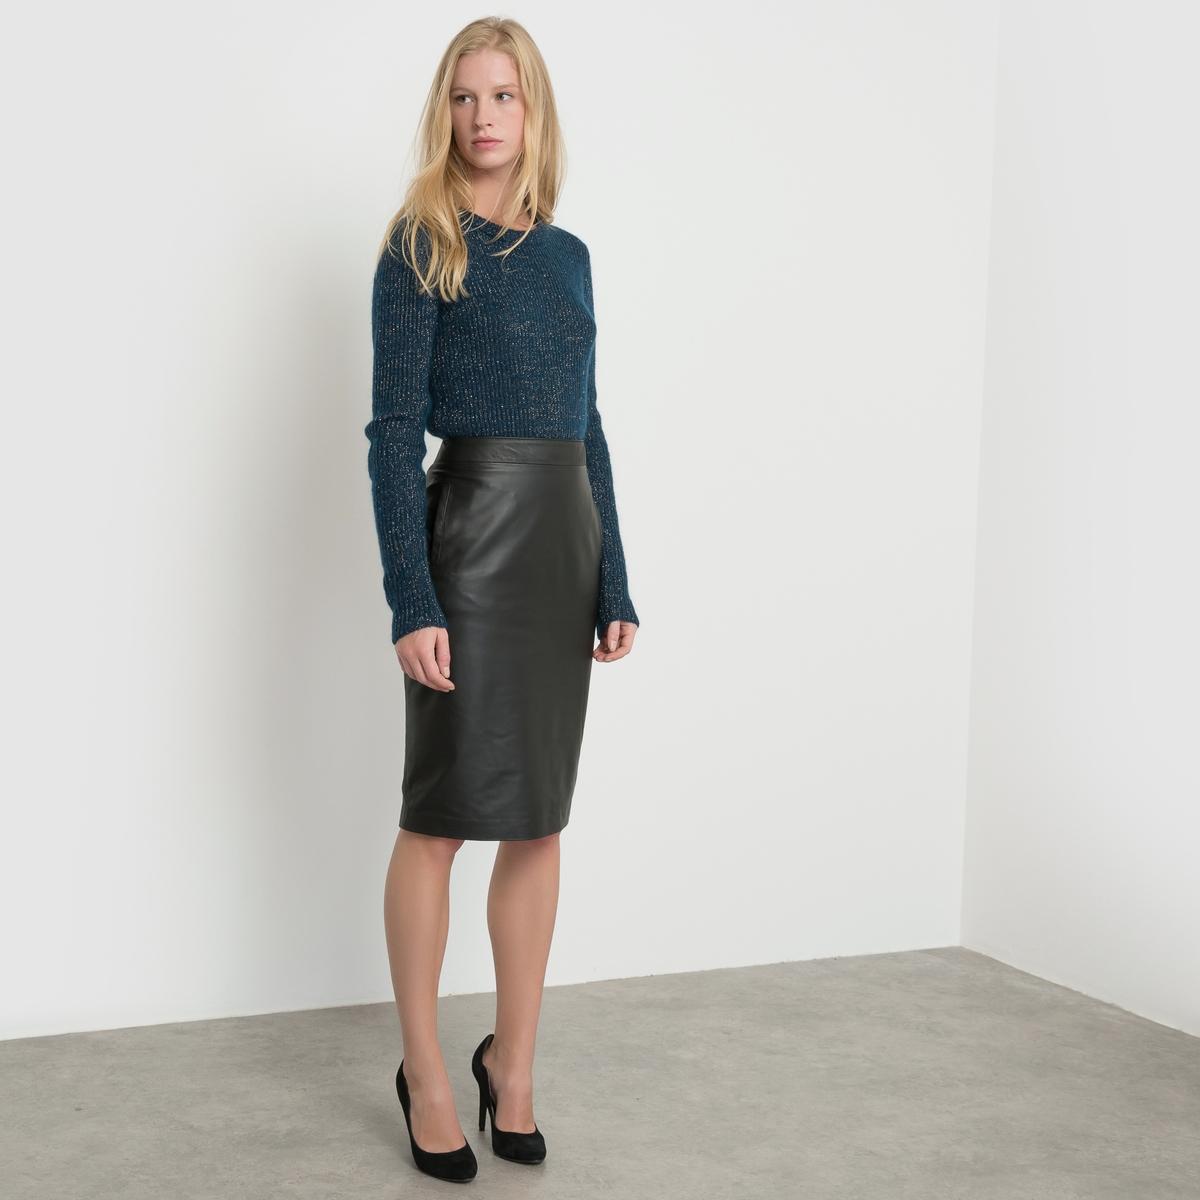 Пуловер в рубчик, с длинными рукавами и круглым вырезомПуловер с длинными рукавами atelier R. Пуловер в рубчик с отделкой металлизированными волокнами. Отделка выреза в рубчик. Грубая отделка низа и манжет.Состав и описание:Длина: 65 смМатериал: 39% полиамида, 30% шерсти, 21% мохера, 7% полиэстера, 3% металлизированных волокон Марка: atelier RУход- Ручная стирка.Сразу после стирки расправить- Сушить в расправленном виде.Гладить при умеренной температуре<br><br>Цвет: серый меланж,сине-зеленый<br>Размер: 46/48 (FR) - 52/54 (RUS).46/48 (FR) - 52/54 (RUS).38/40 (FR) - 44/46 (RUS)